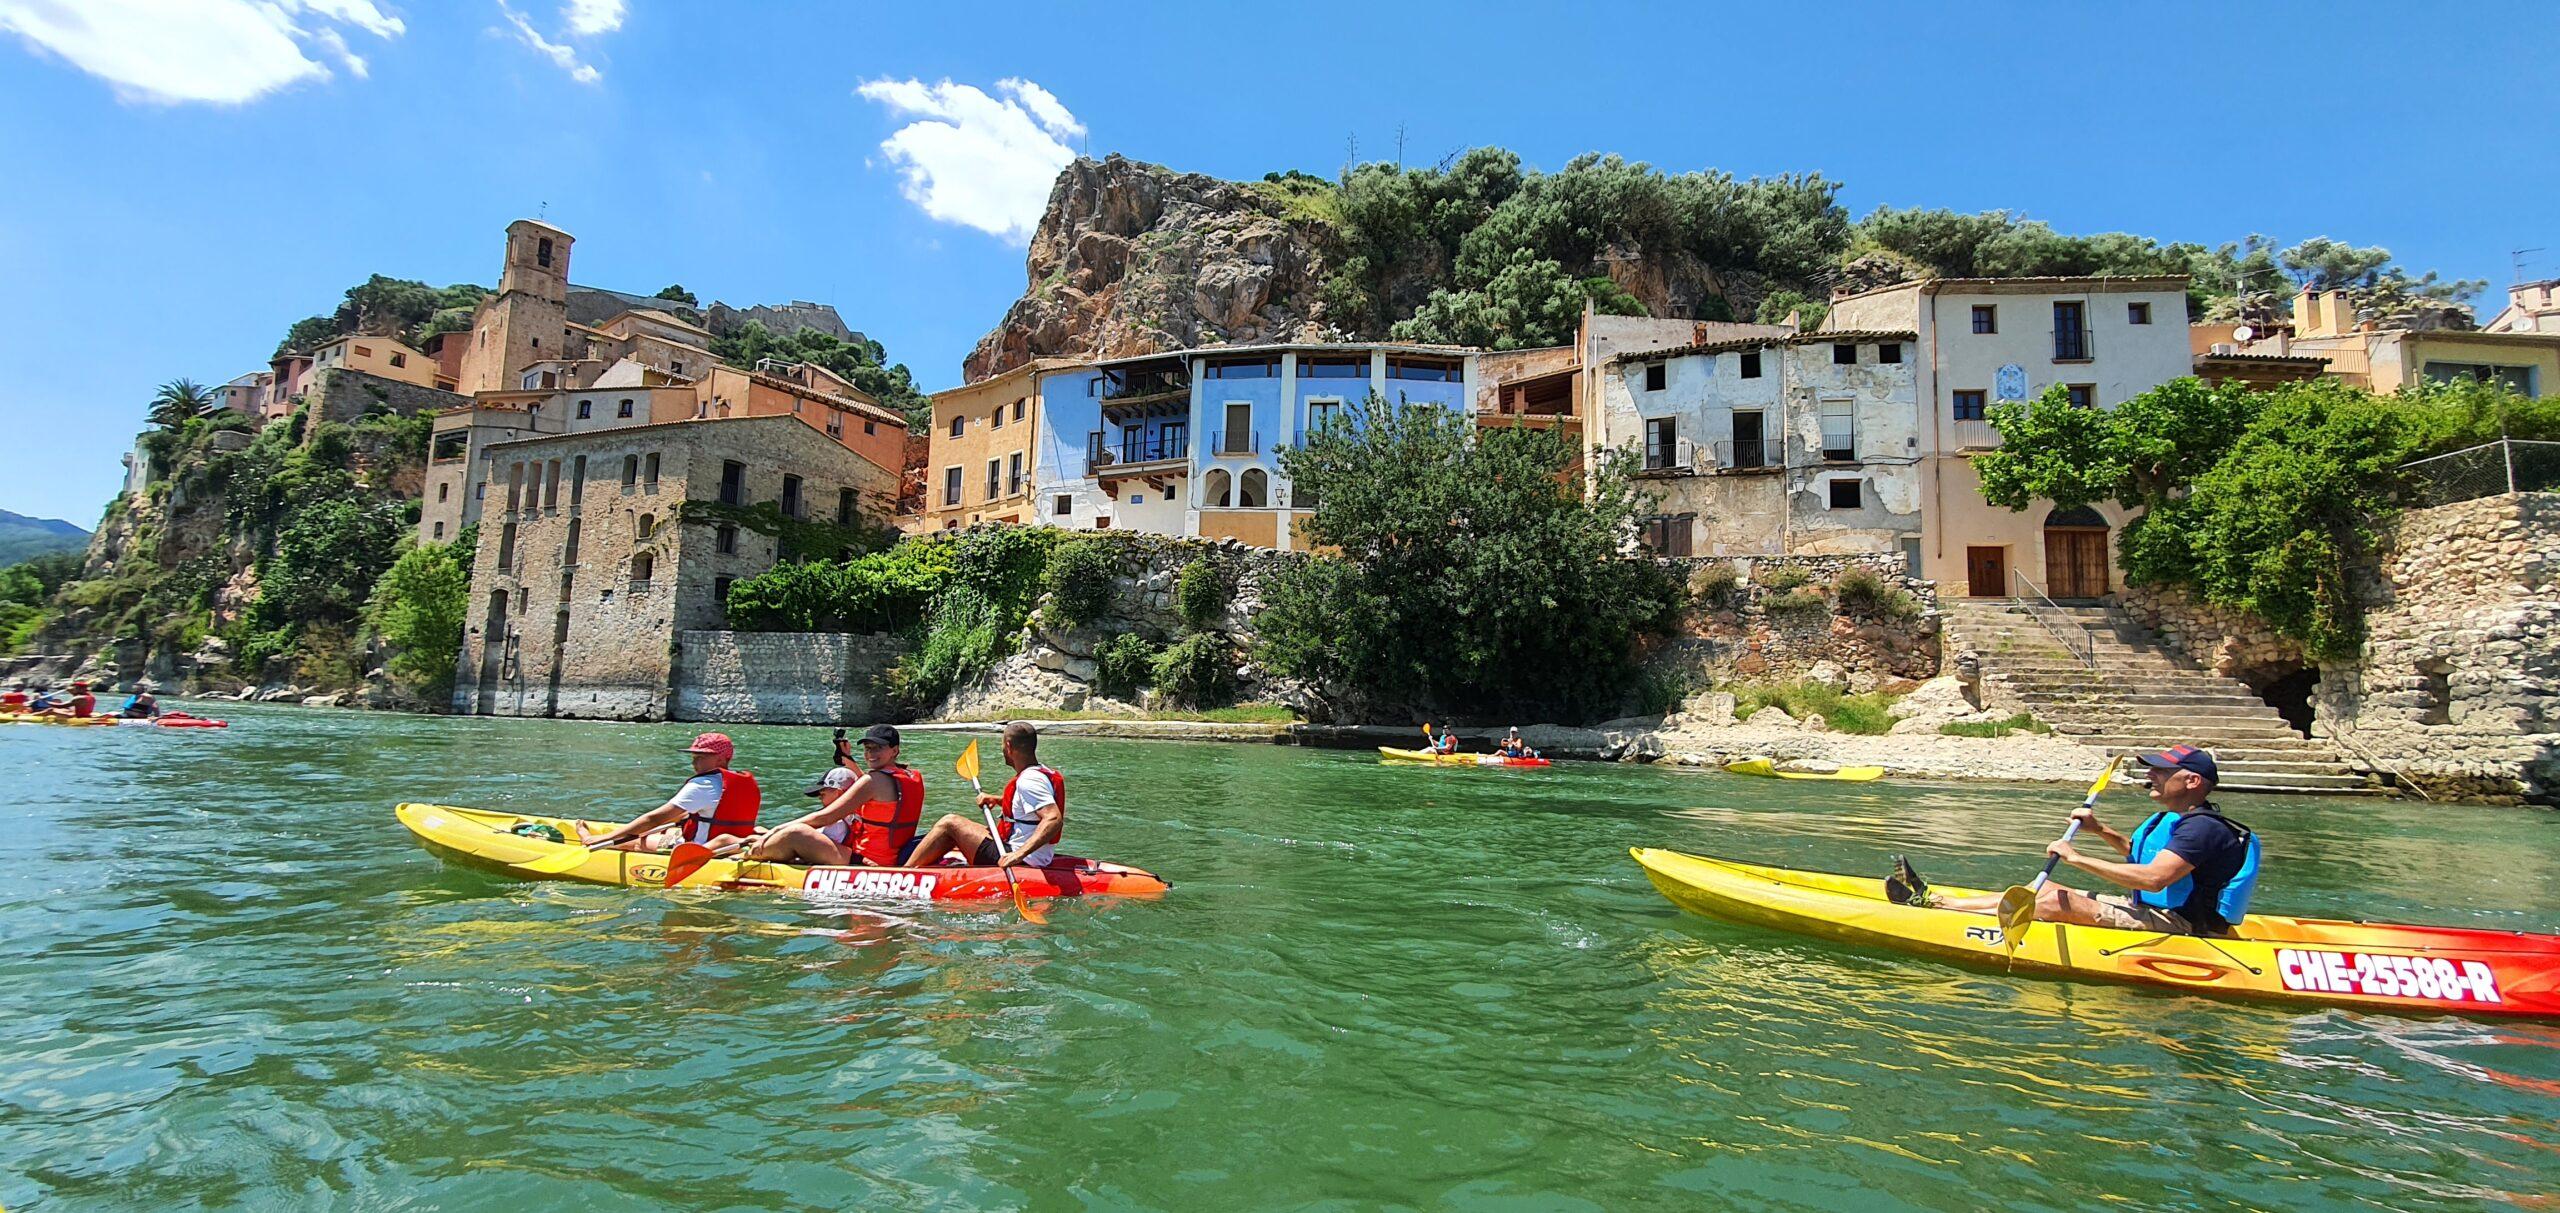 Ebro River Kayak Experience From Salou_123_1